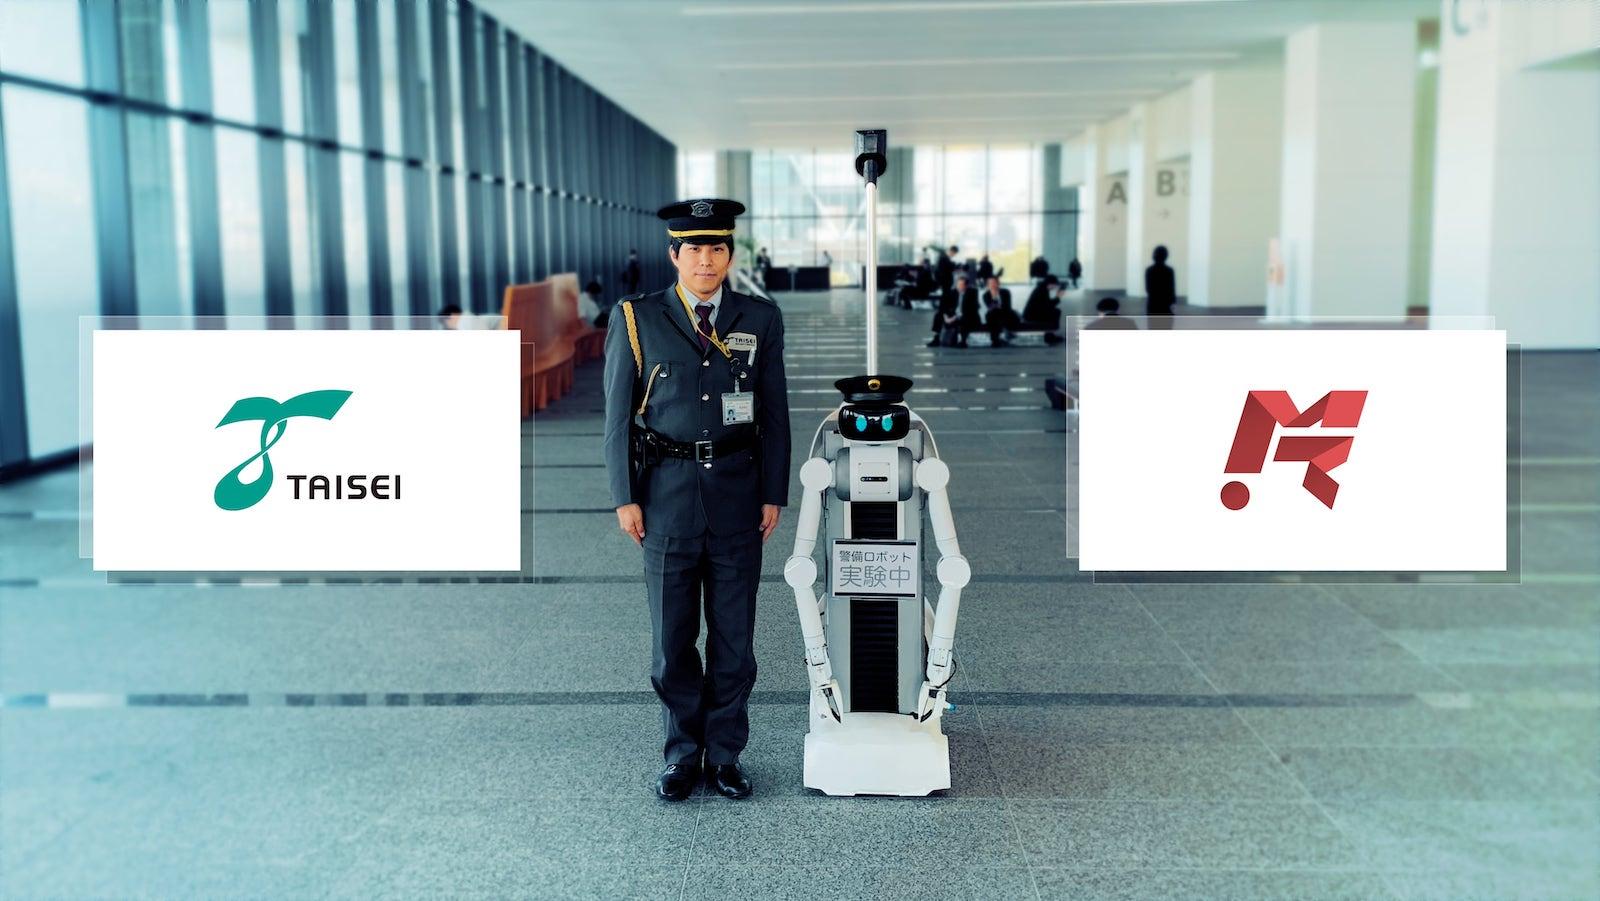 「Withコロナ」を見据えアバターロボットを活用した警備実証実験実施のお知らせ ~警備業務の省人化と感染リスクを抑えた新たな警備システムの構築~